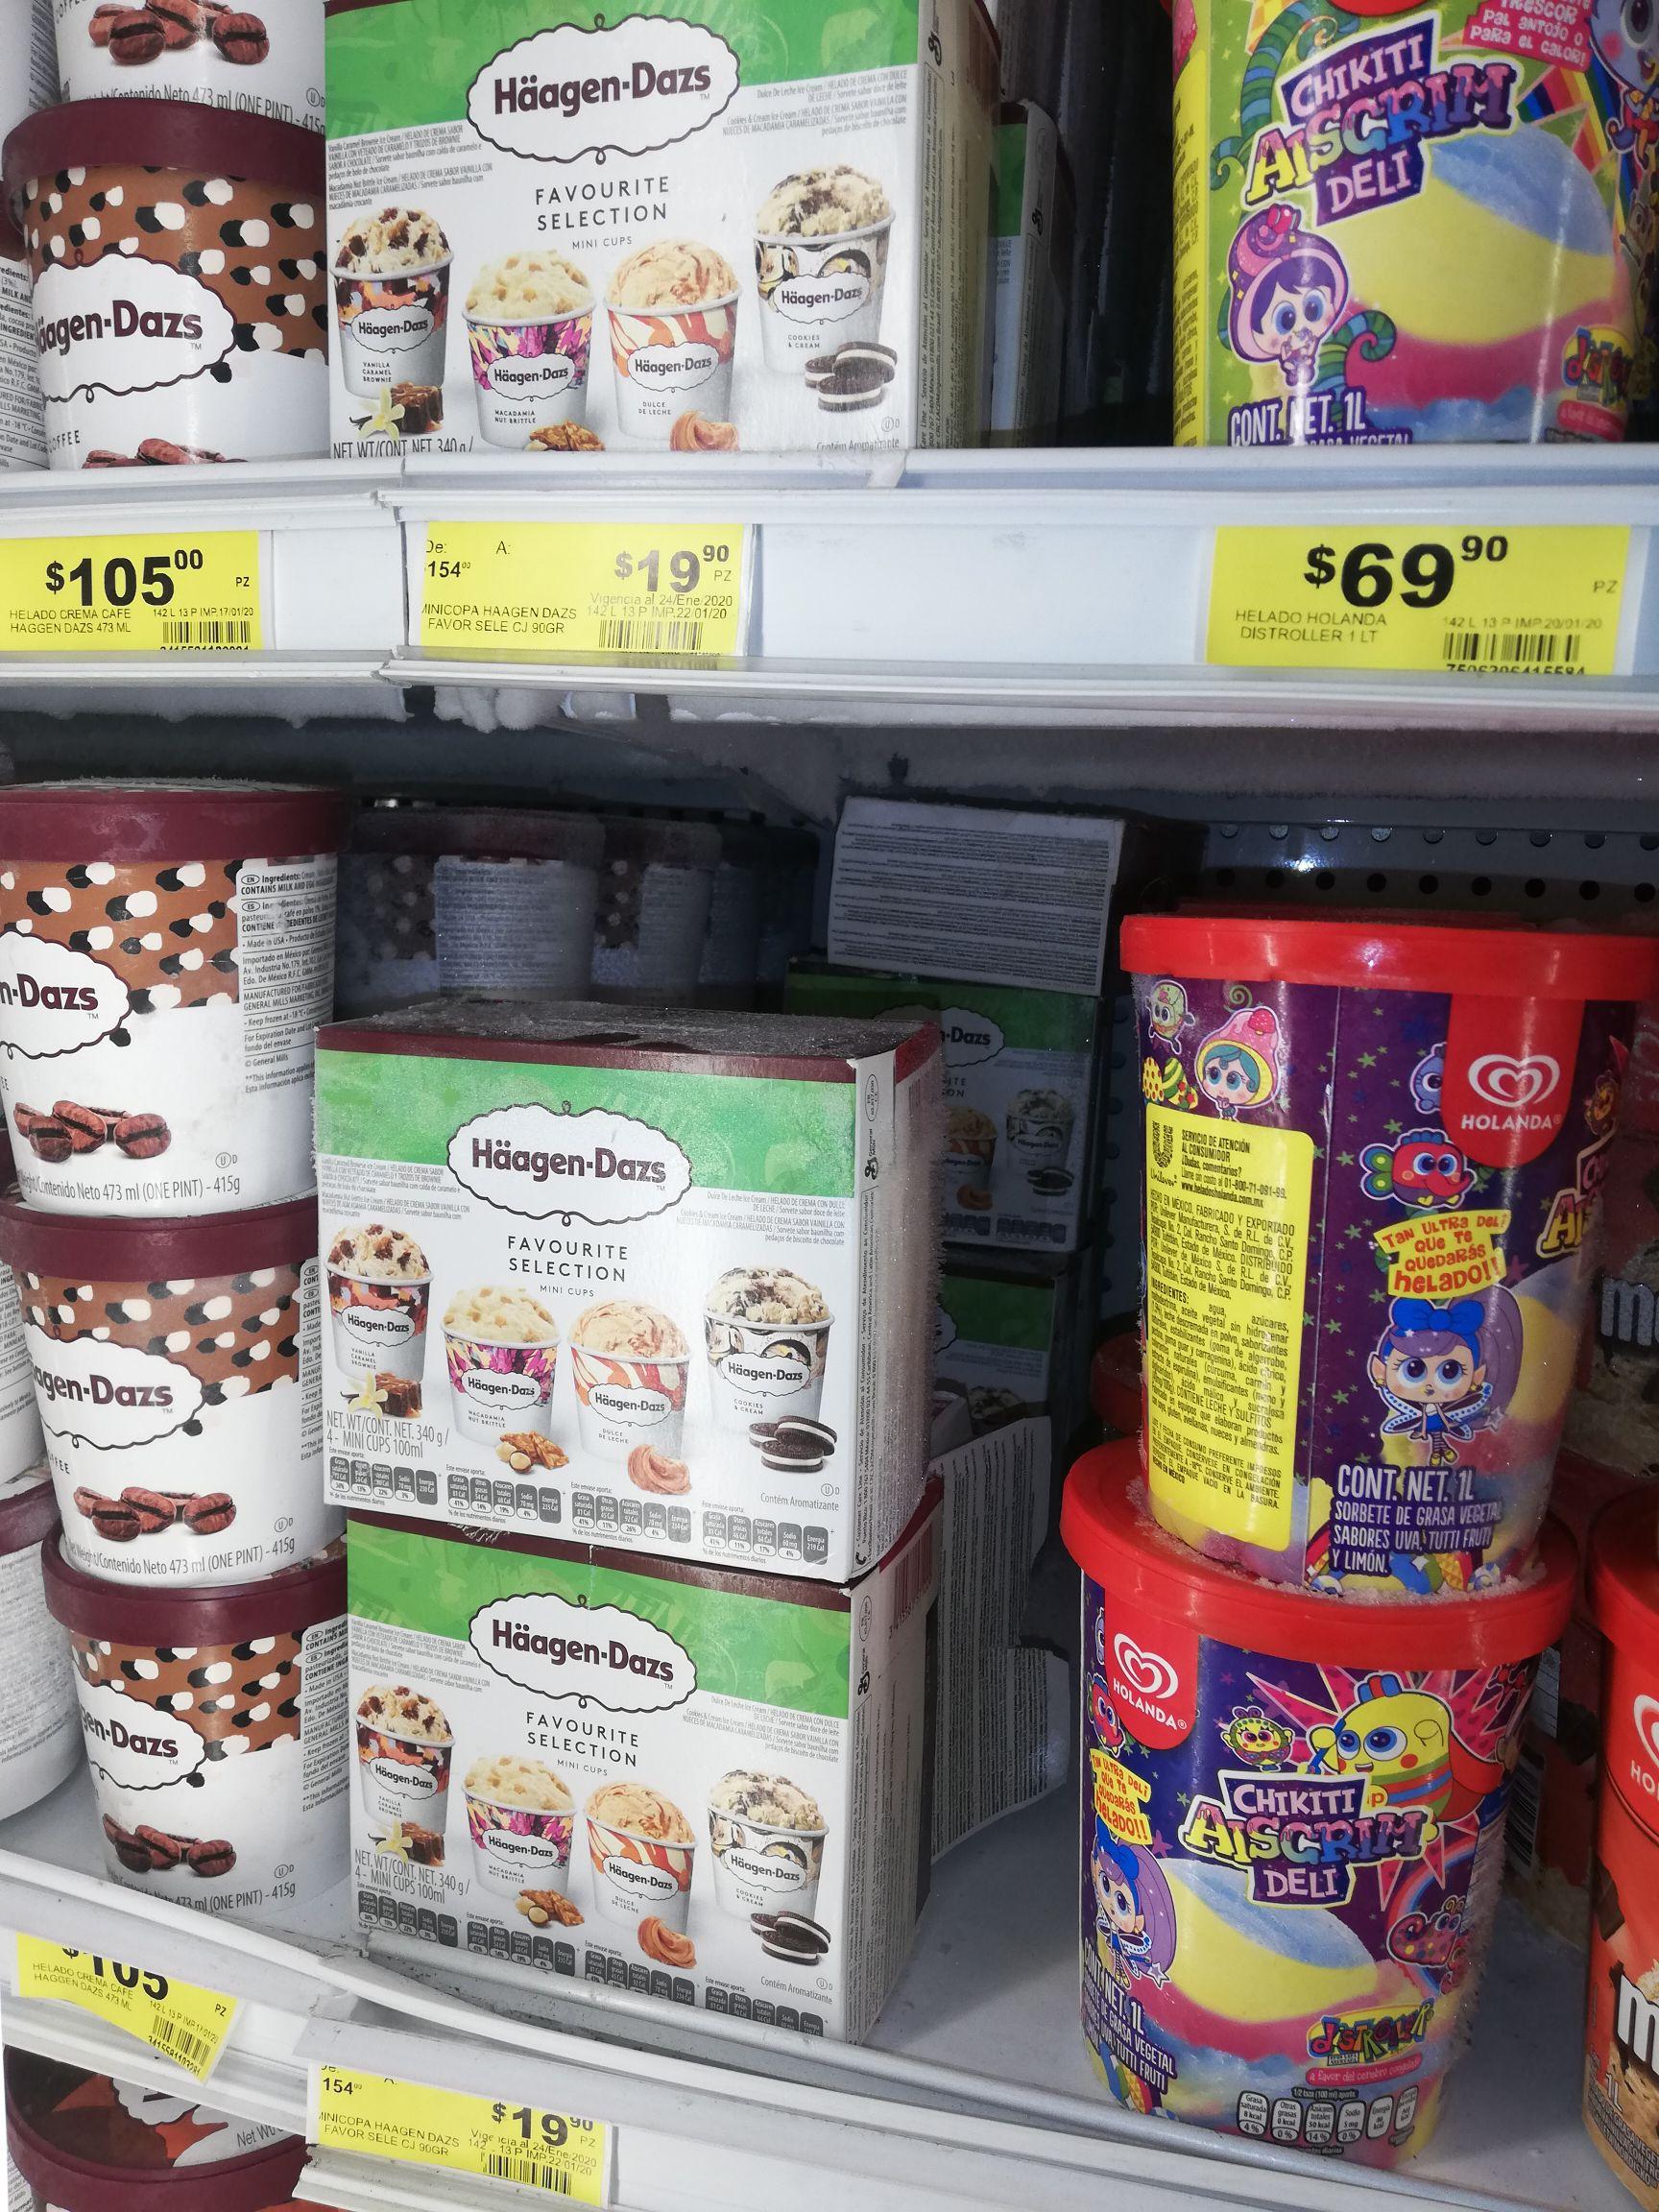 Soriana helado mini copa haagens dazs de 154 a 19.90